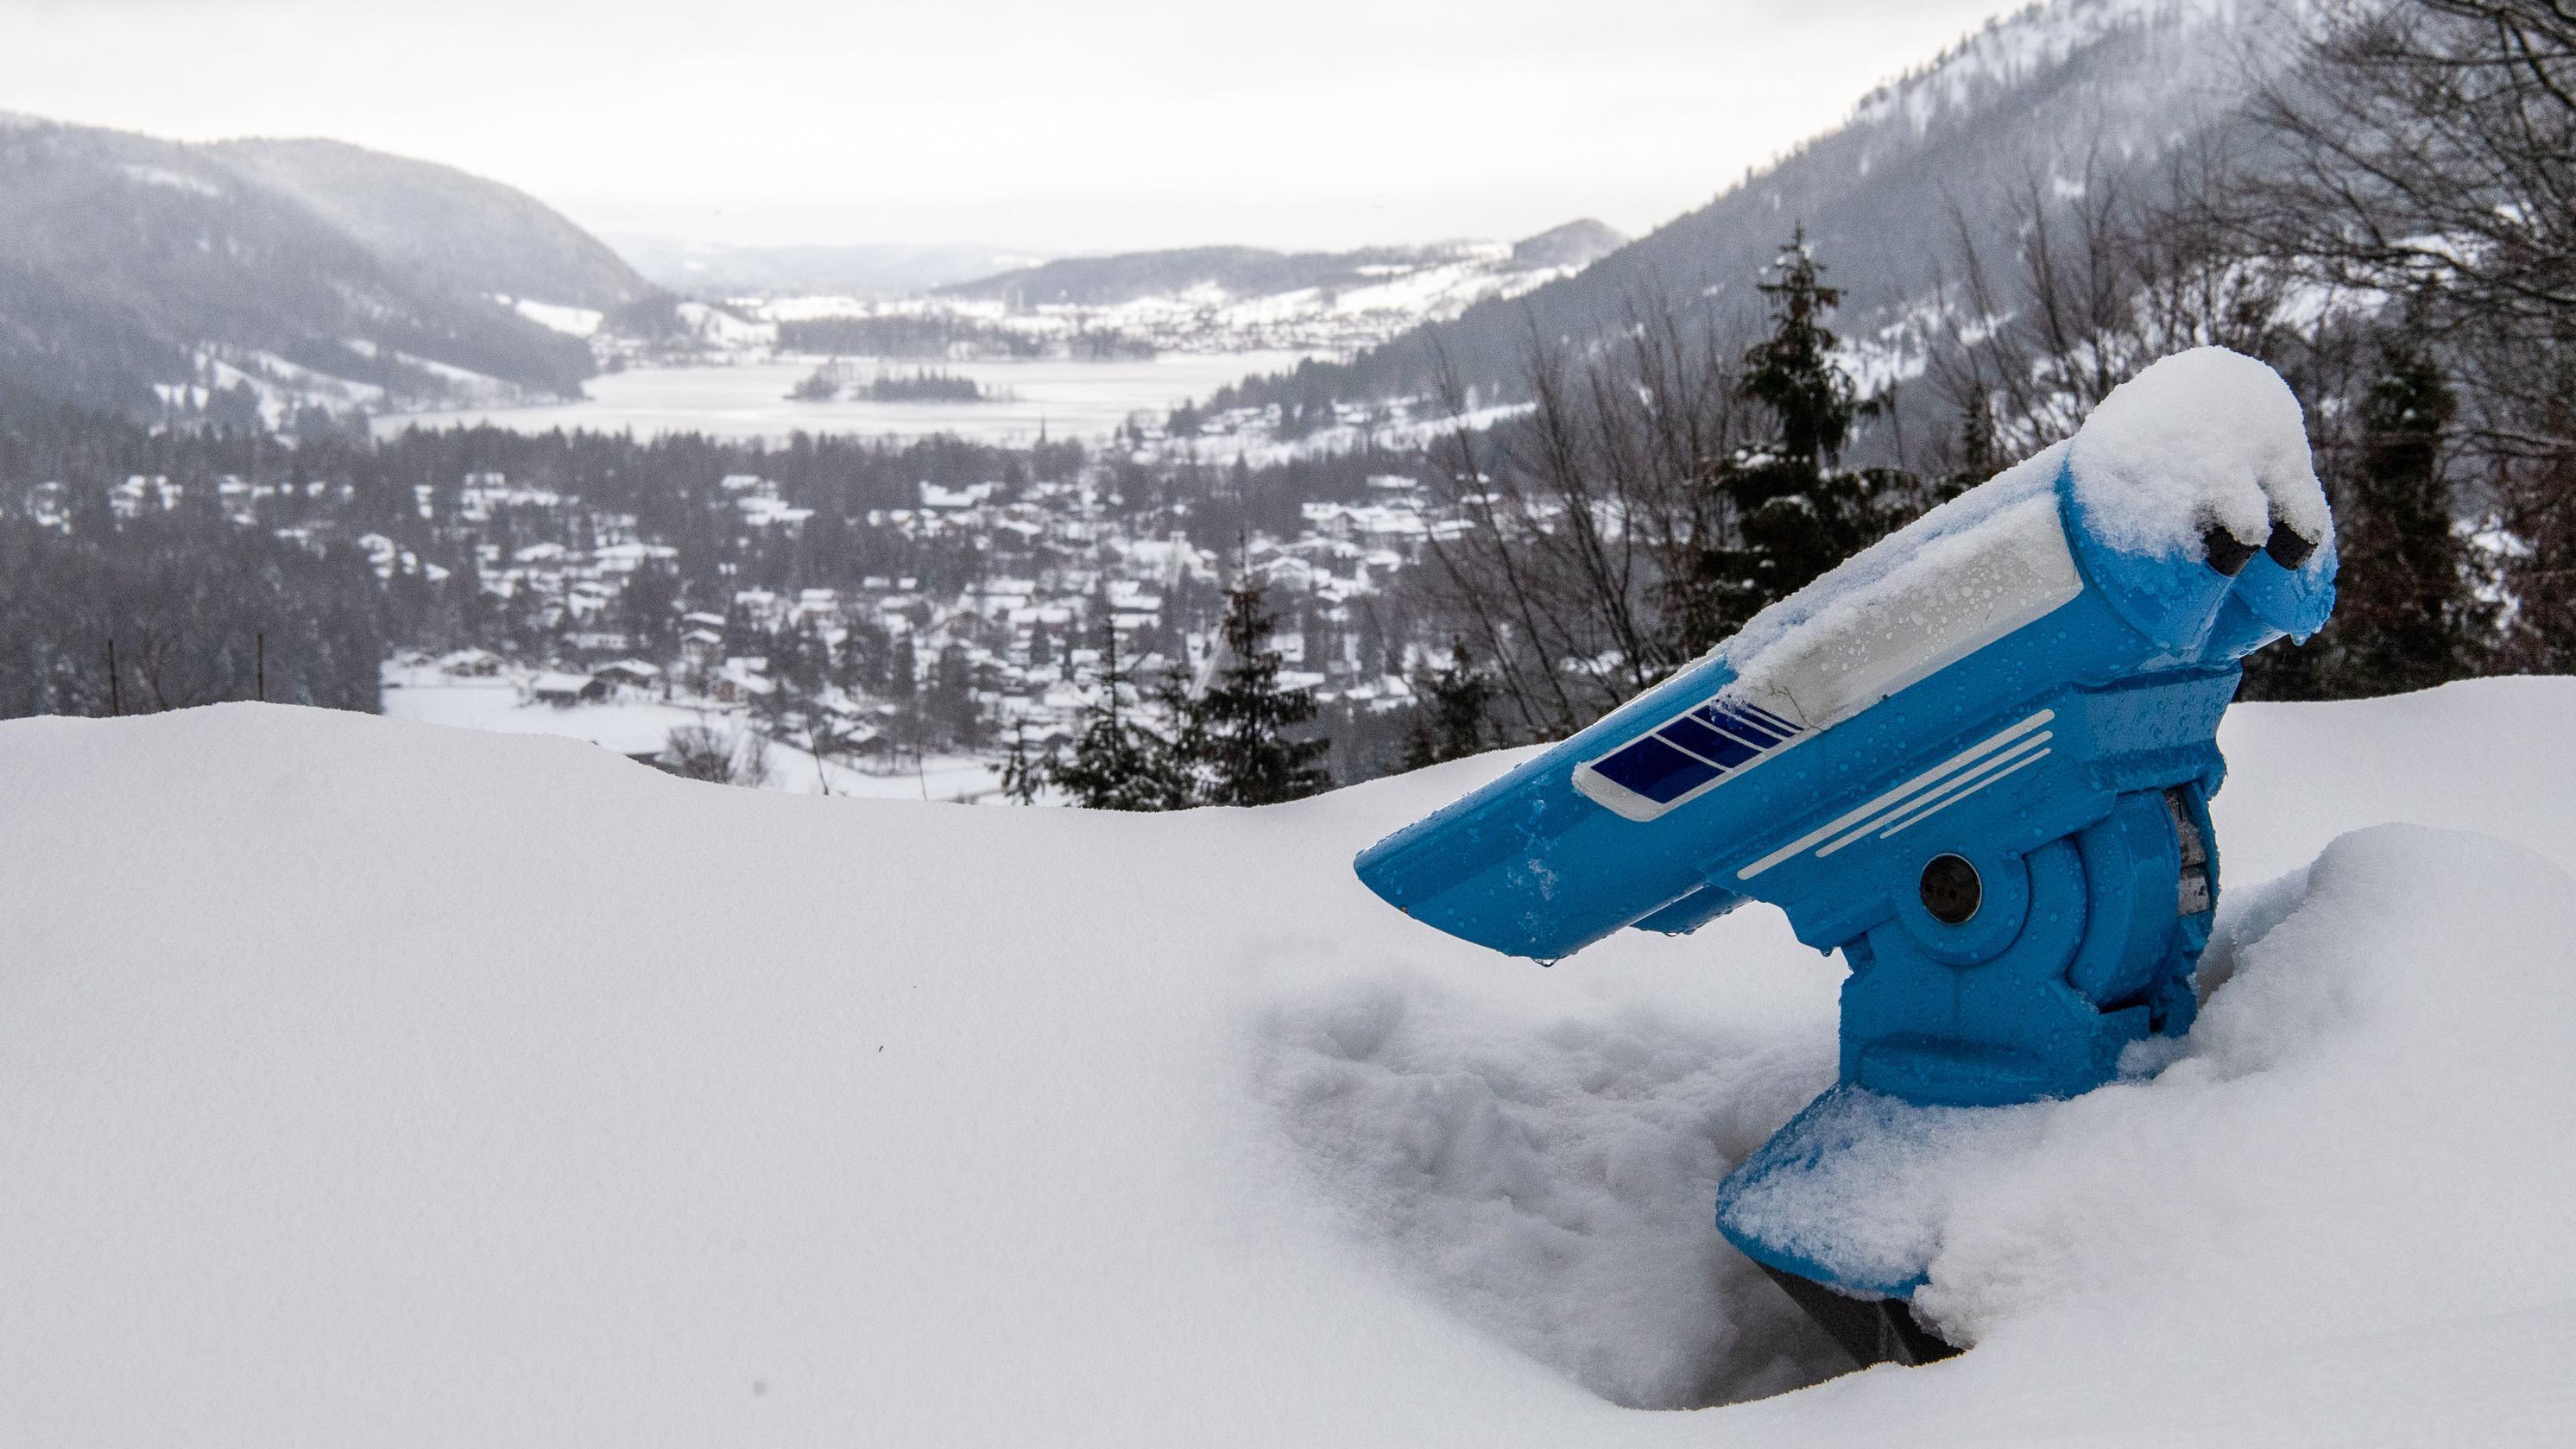 Bayern, Spitzingsee: Ein Fernglas steht an einem Aussichtspunkt im meterhohen Schnee